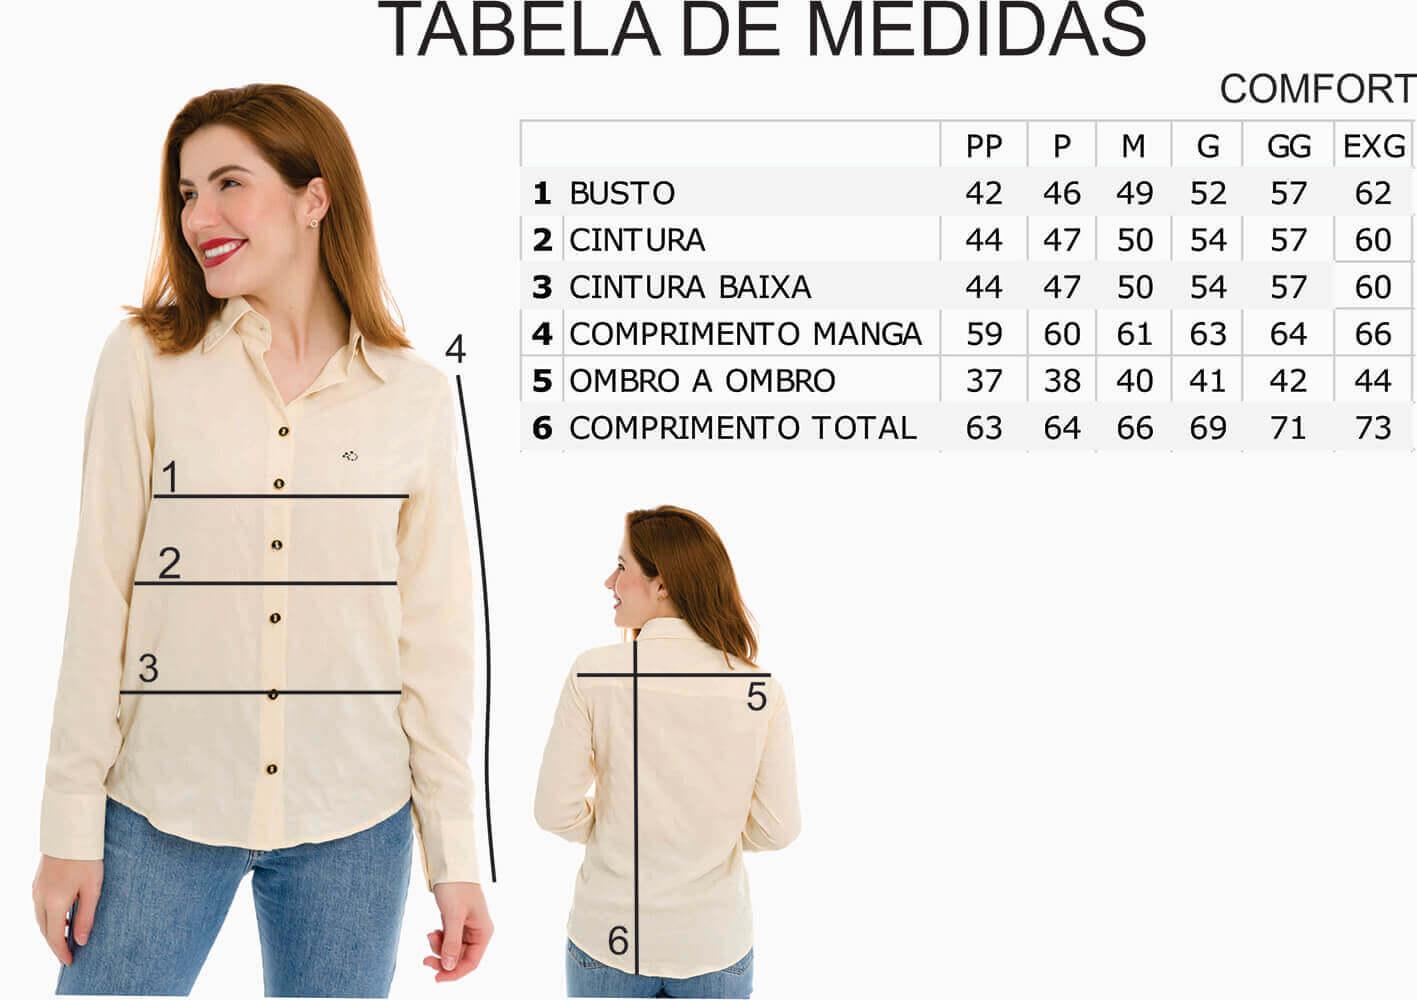 Camisa Camisete Feminino Olimpo Crepe Floral Manga Longa Bege